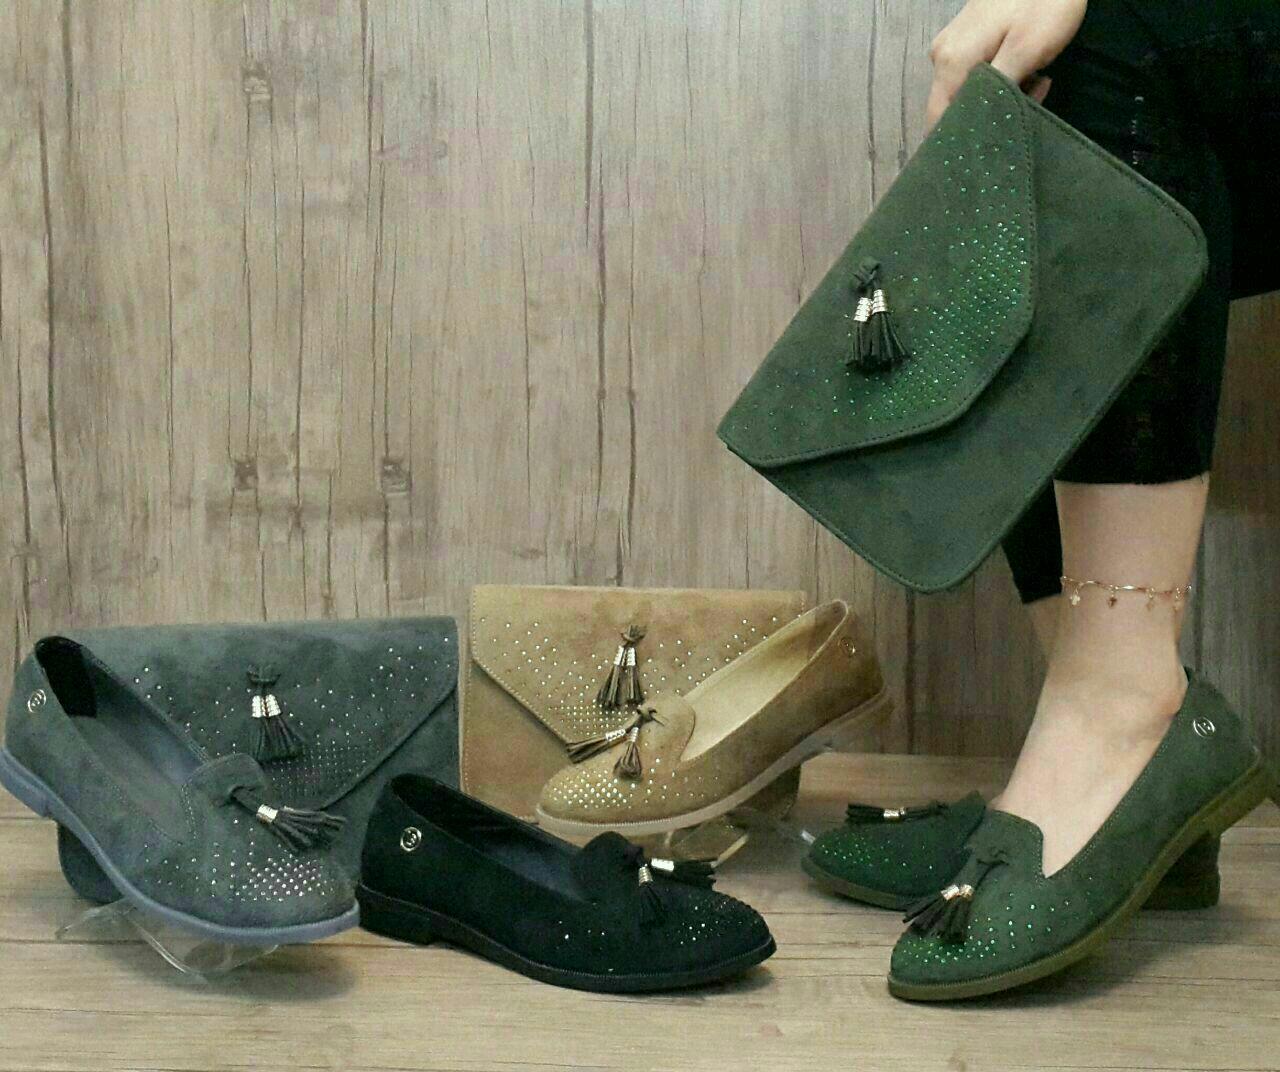 ست کیف و کفش زیبا